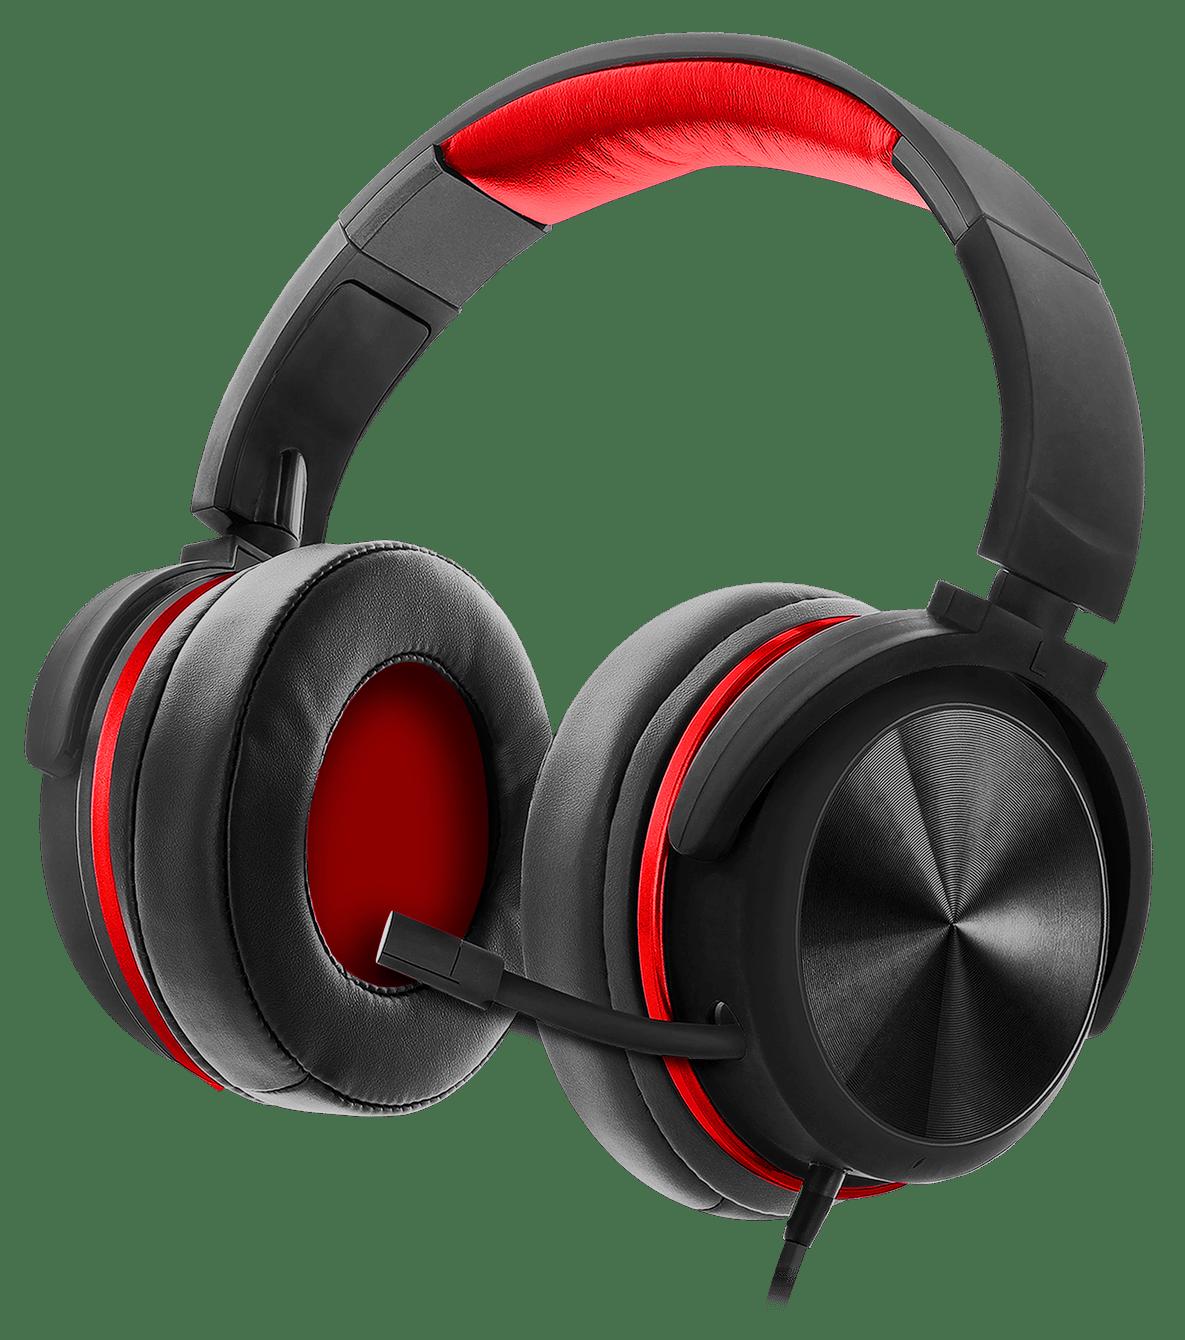 Sentry GX200 Red